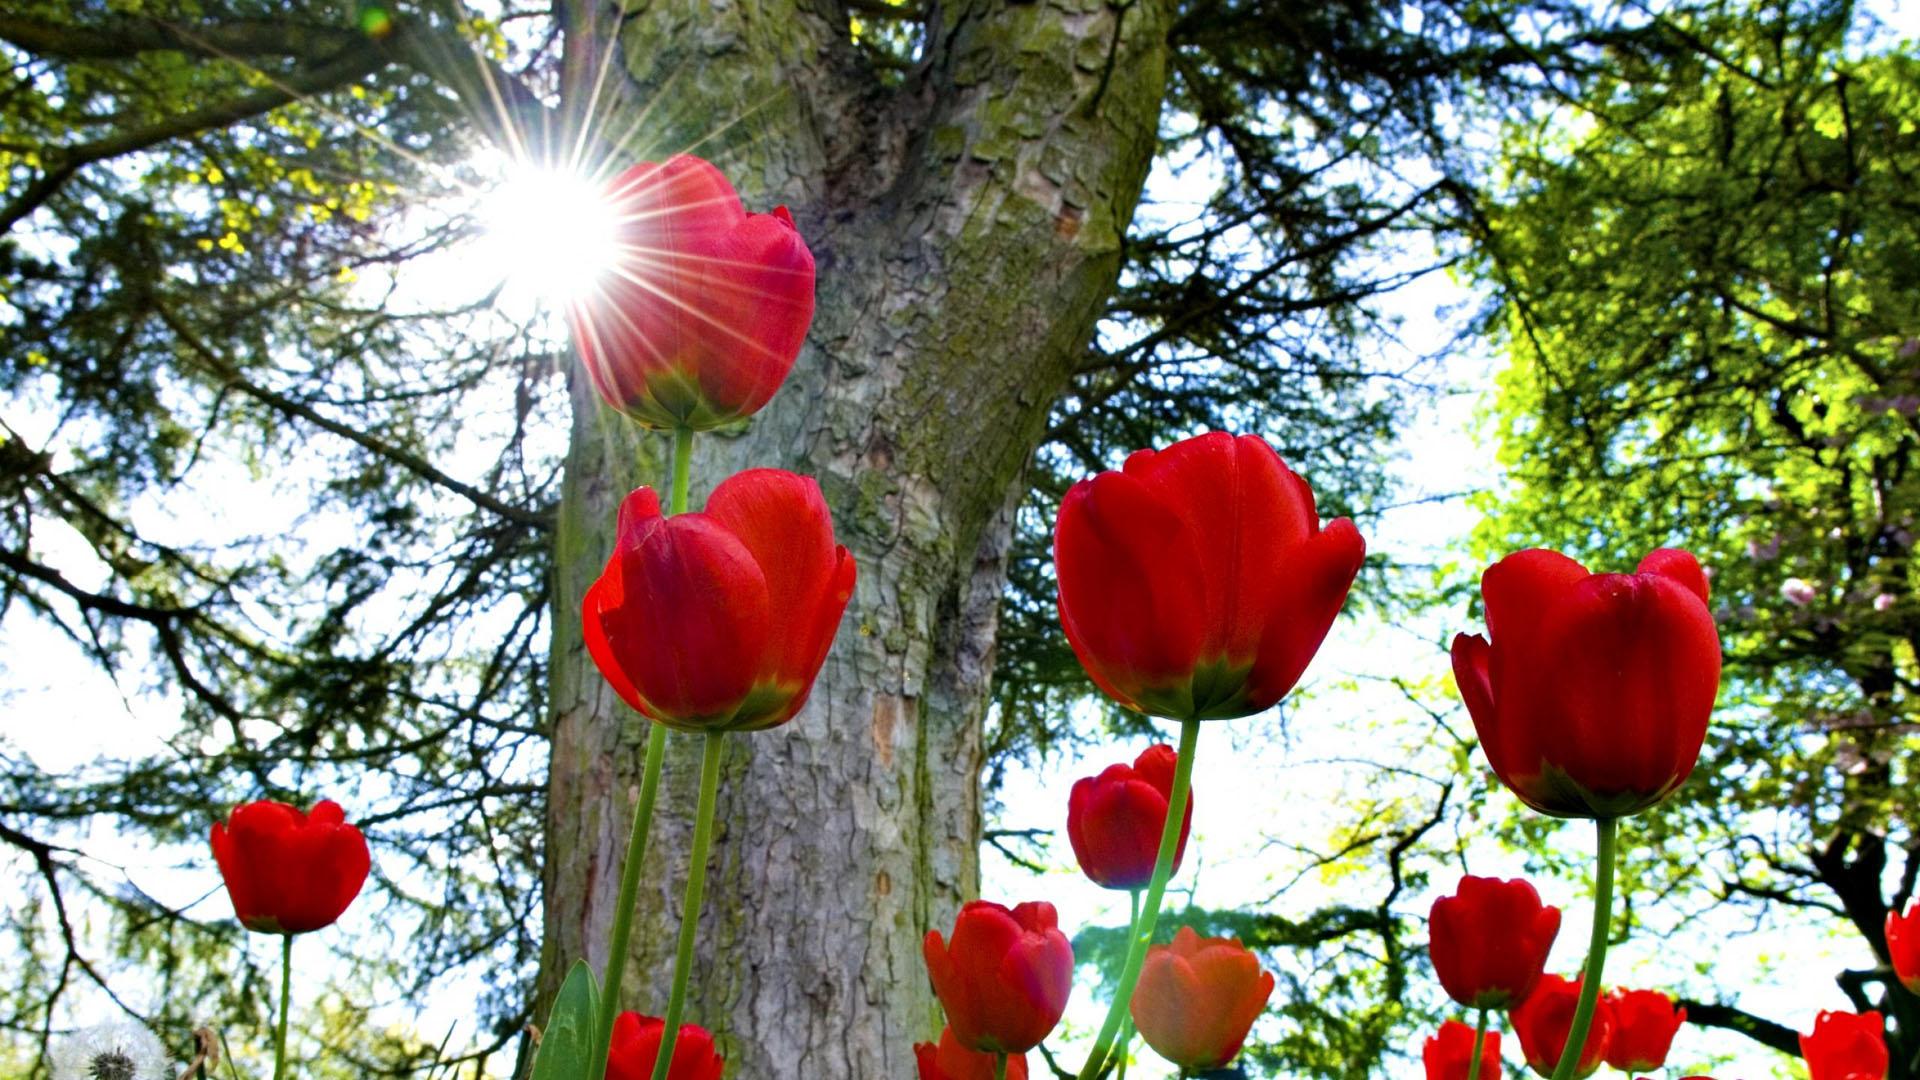 Spring Anime Wallpaper عندما تأسرك الطبيعة بجمالها الخلاب اروع واجمل الصور من